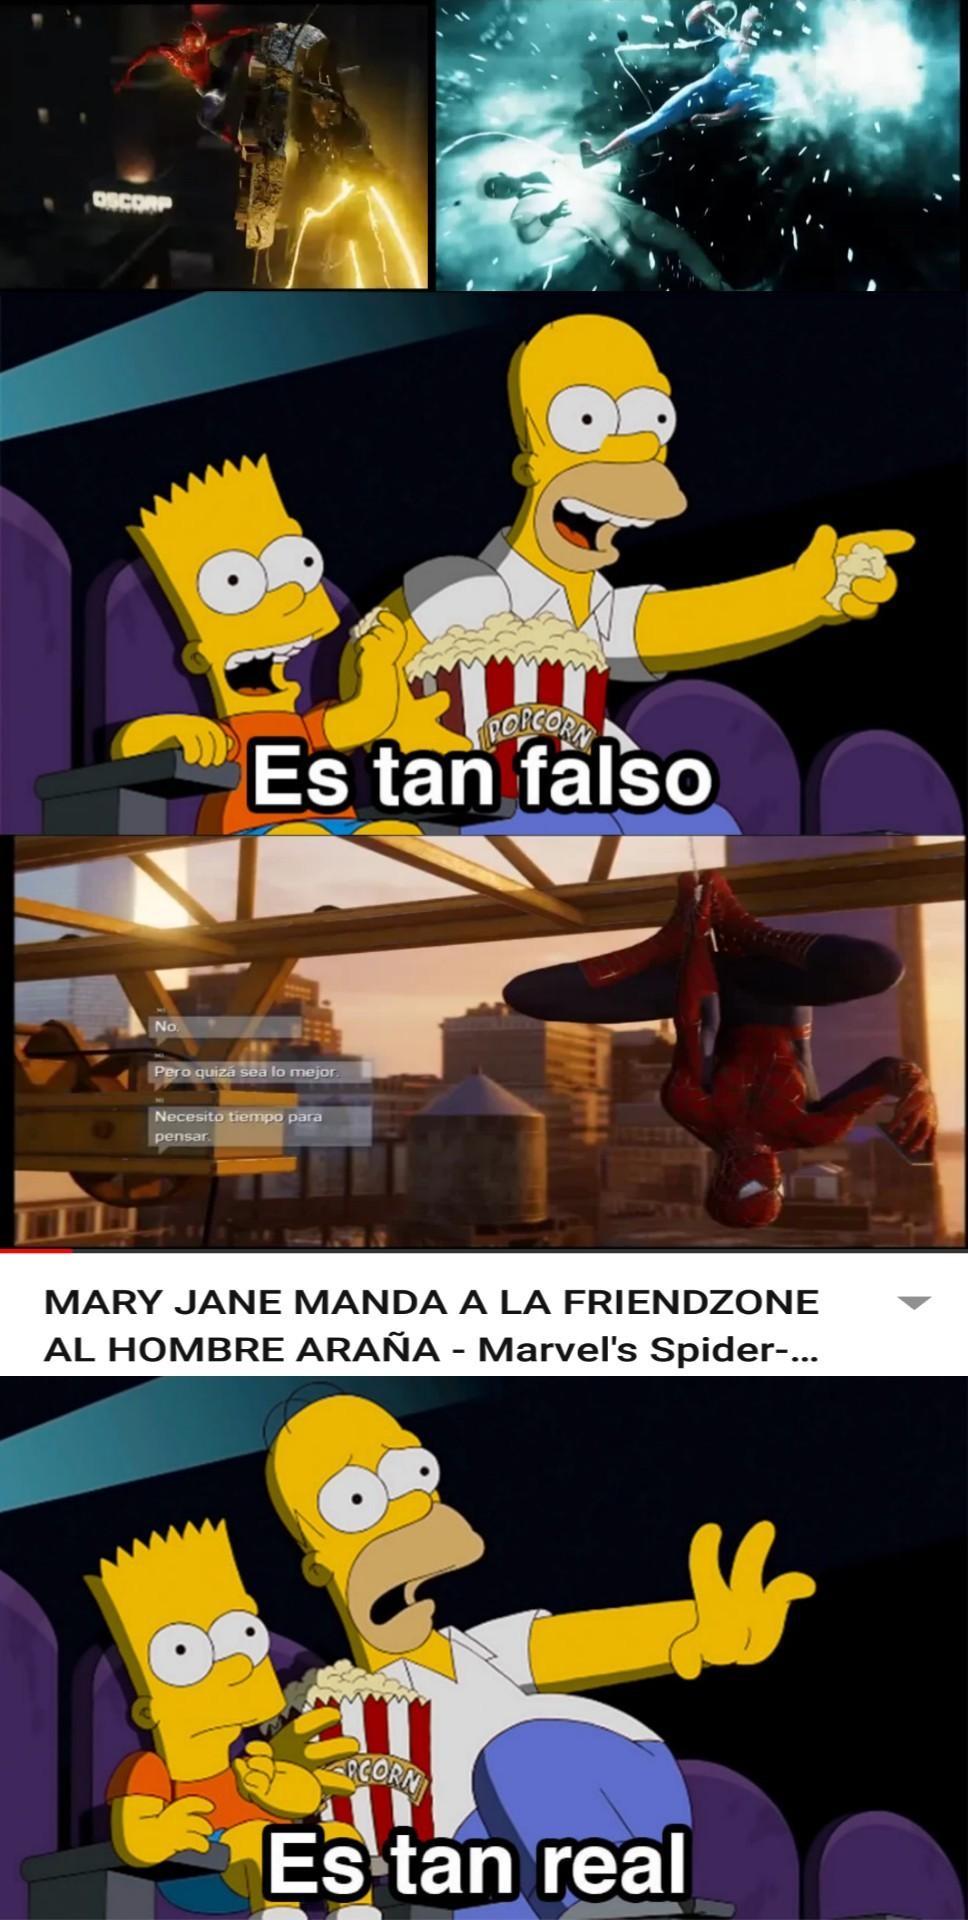 Friendzone!!! :'V - meme